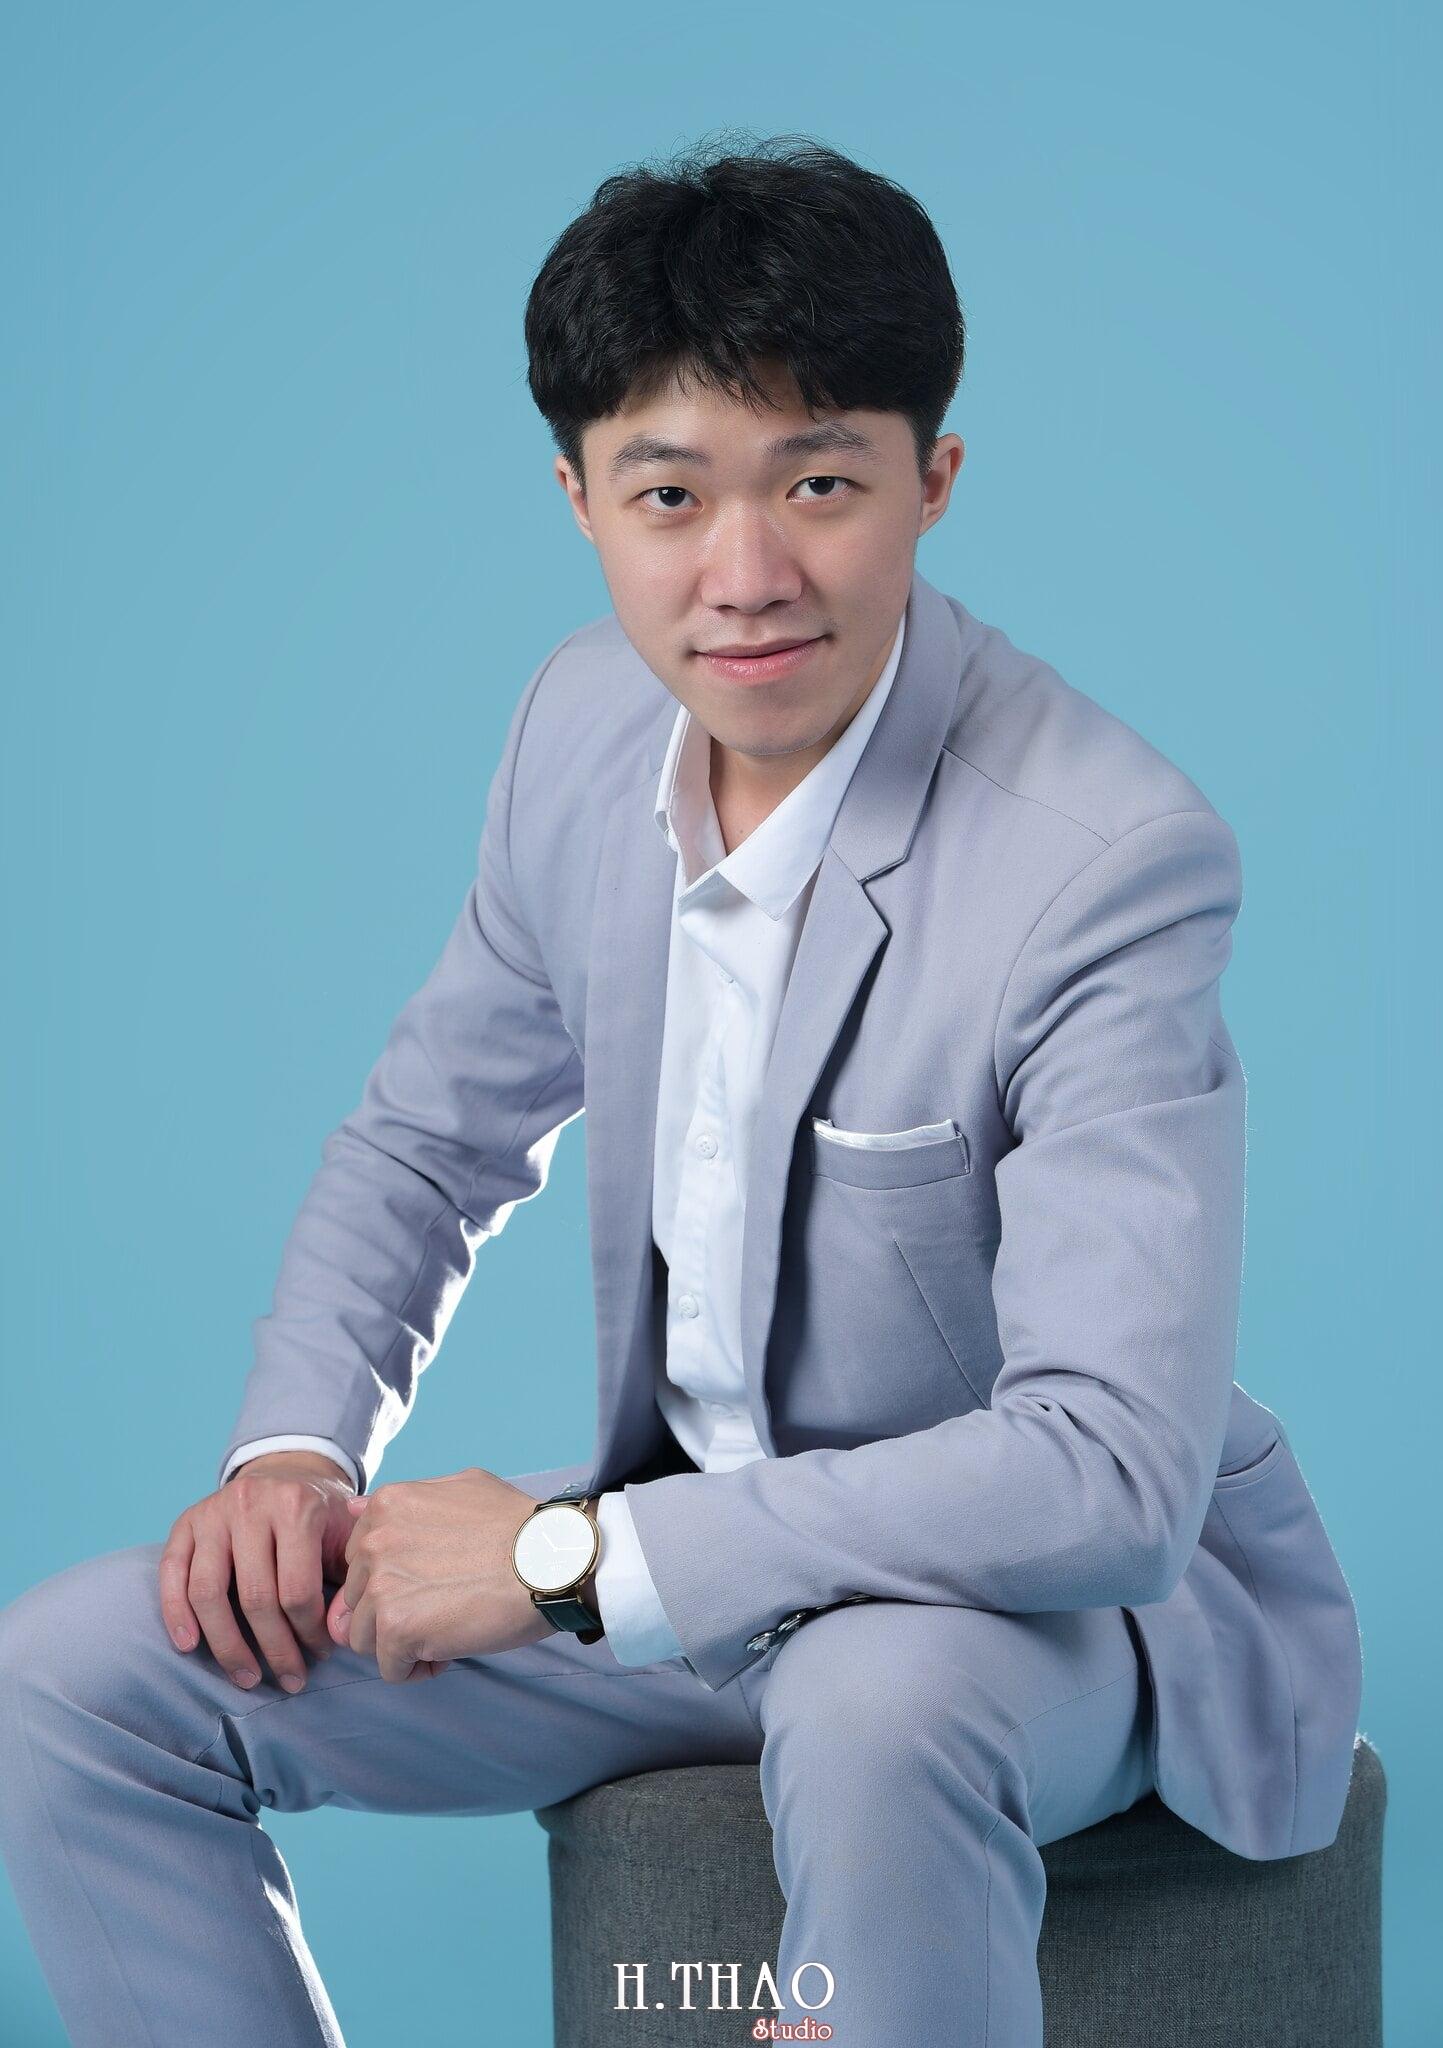 Thanh dat xanh 12 - Chụp ảnh profile nhân viên bất động sản Đất Xanh - HThao Studio